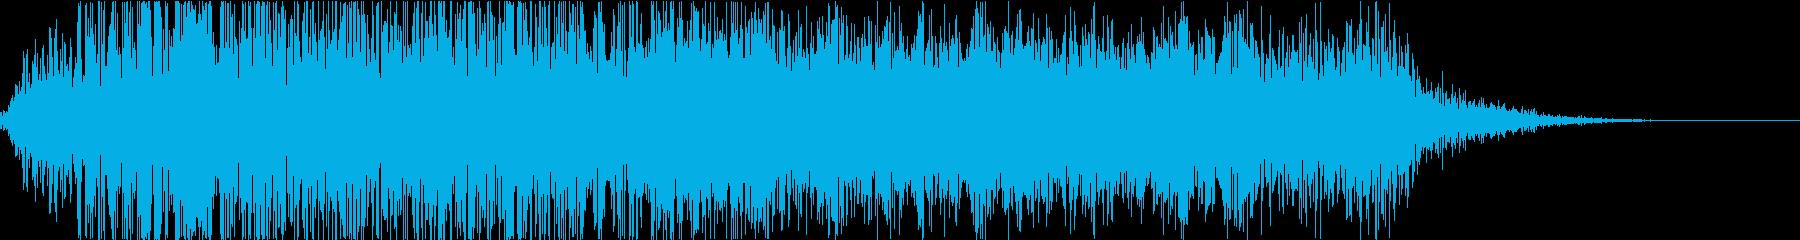 怪物・モンスターの鳴き声・ゲーム・映画hの再生済みの波形